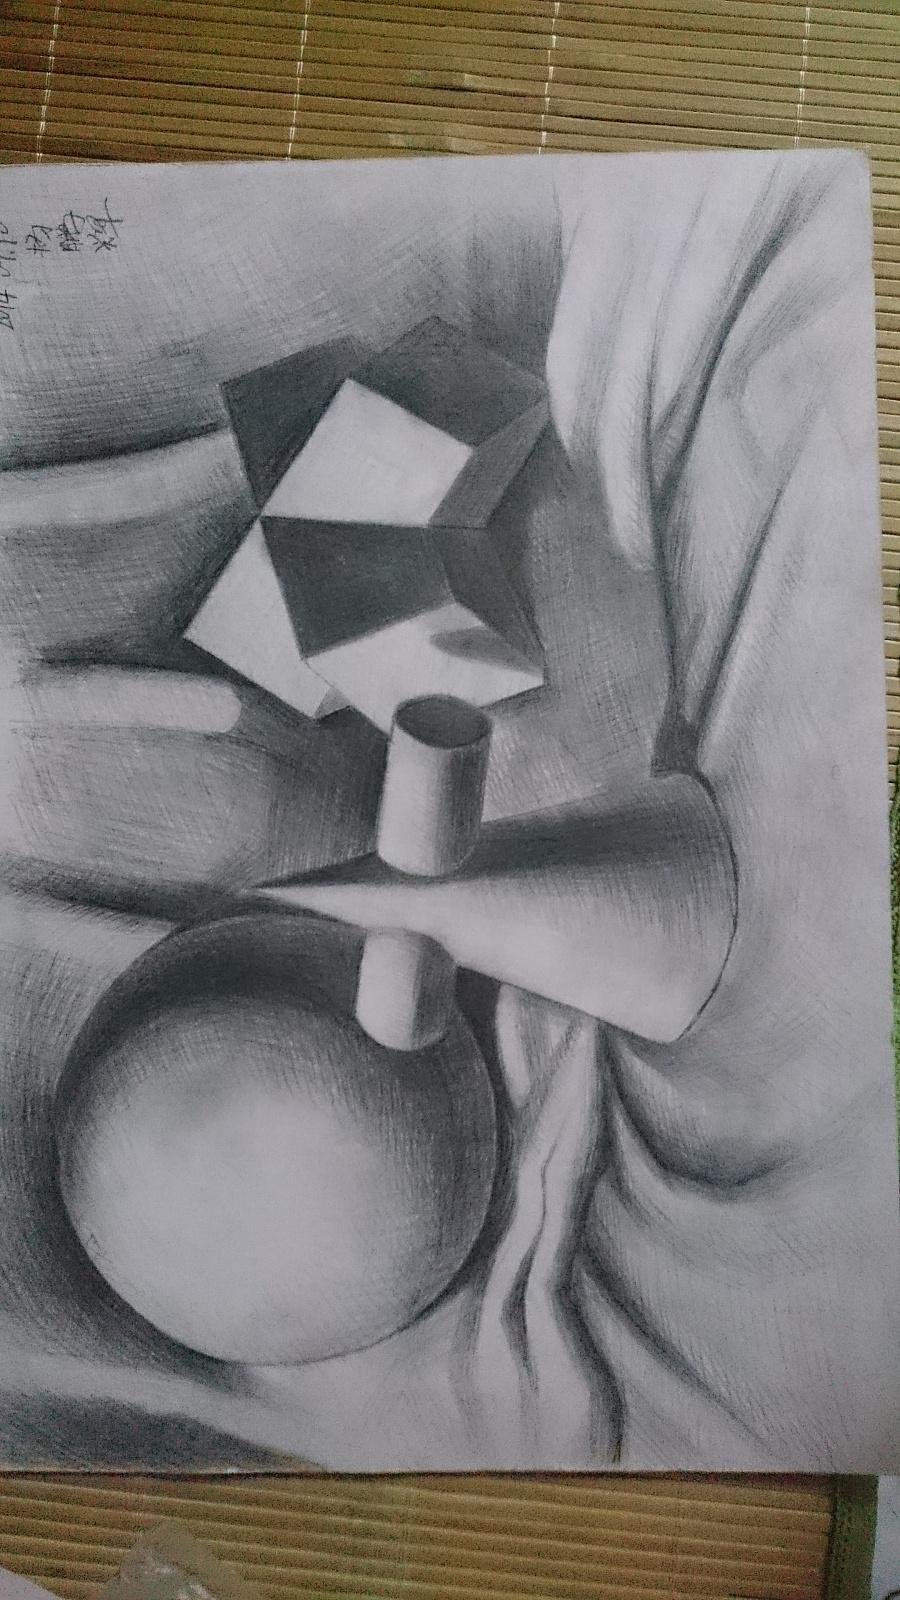 素描美术|绘画习作|插画|十三元素图片